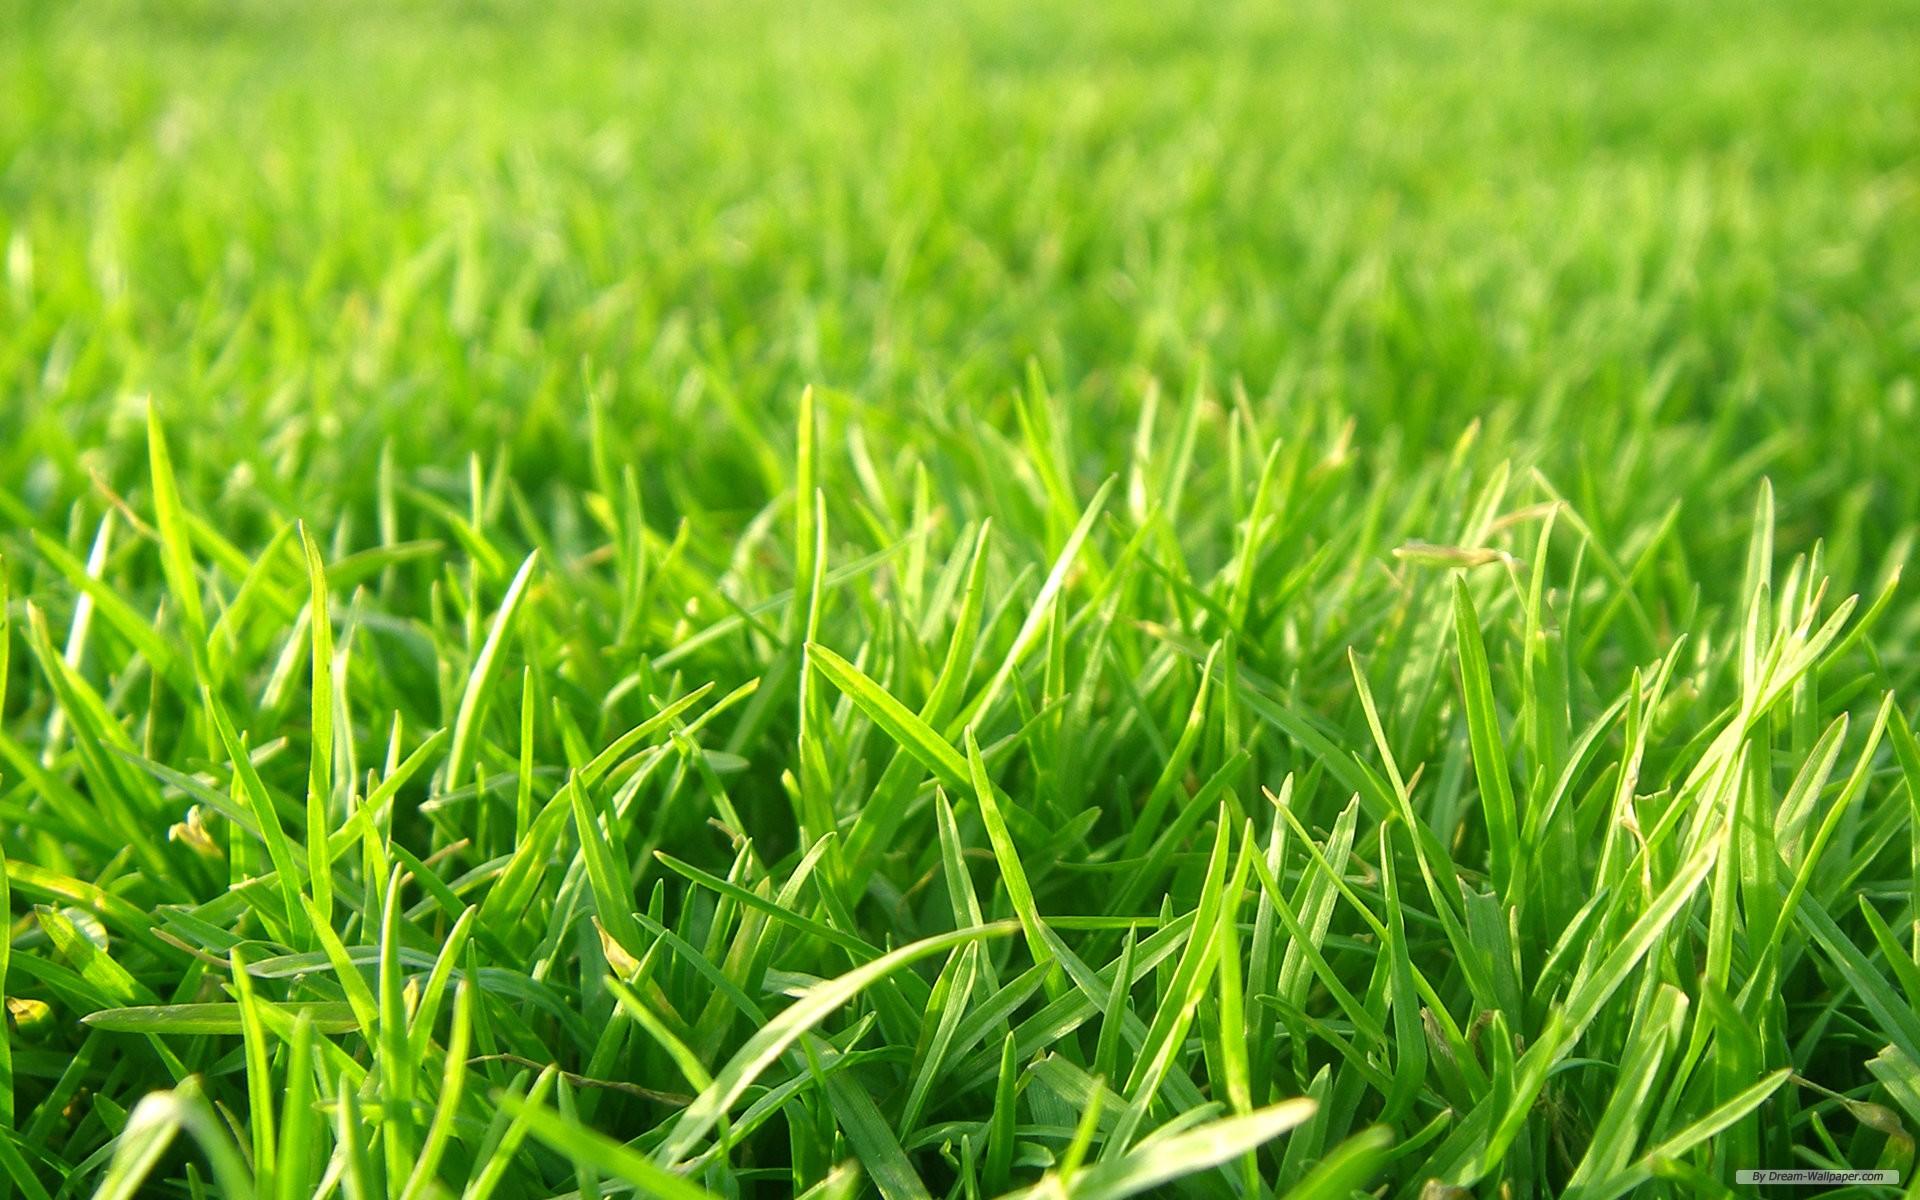 wallpaper   Grass Football Pitches wallpaper   1920x1200 wallpaper 1920x1200